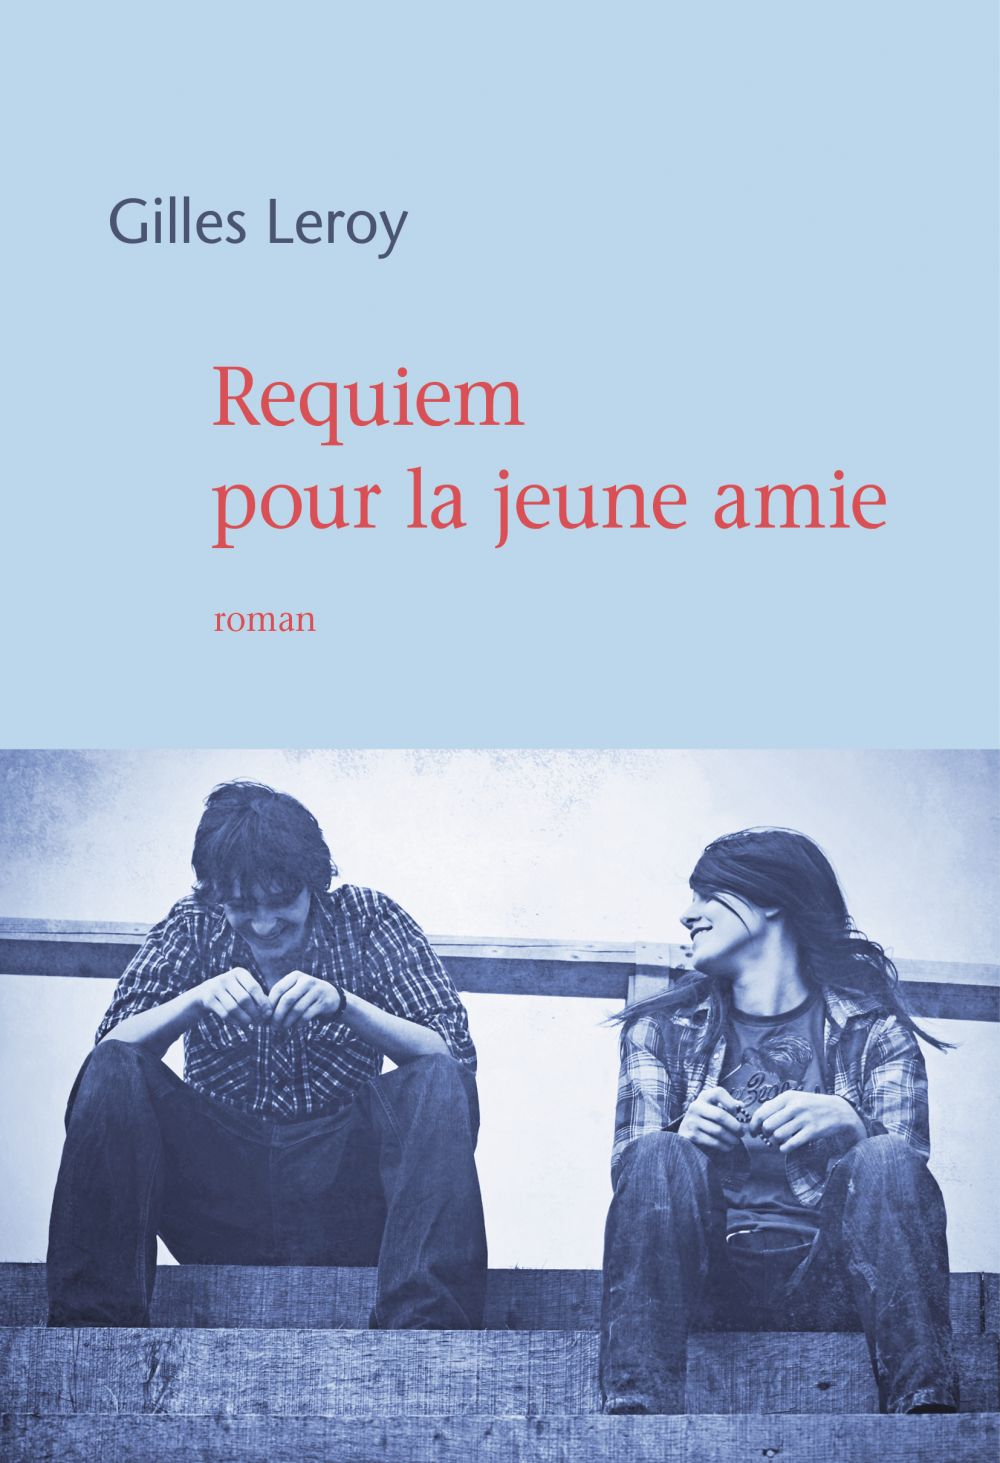 Requiem pour la jeune amie |